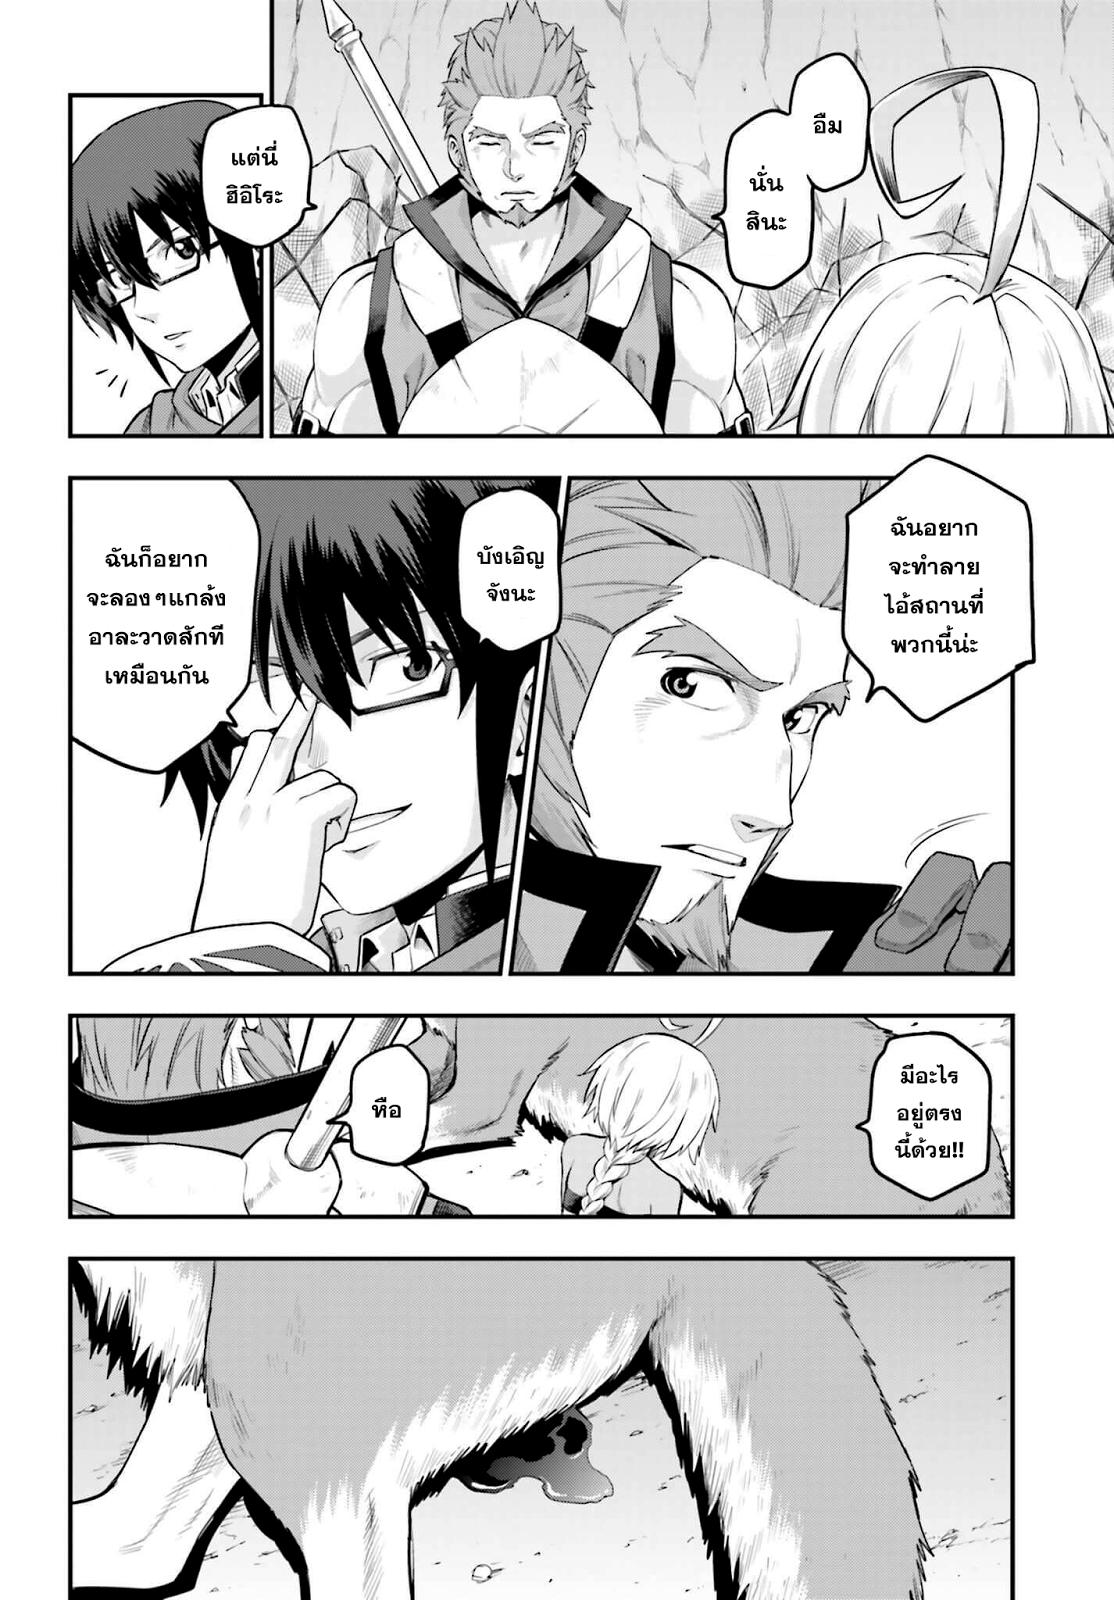 อ่านการ์ตูน Konjiki no Word Master 15 ภาพที่ 4